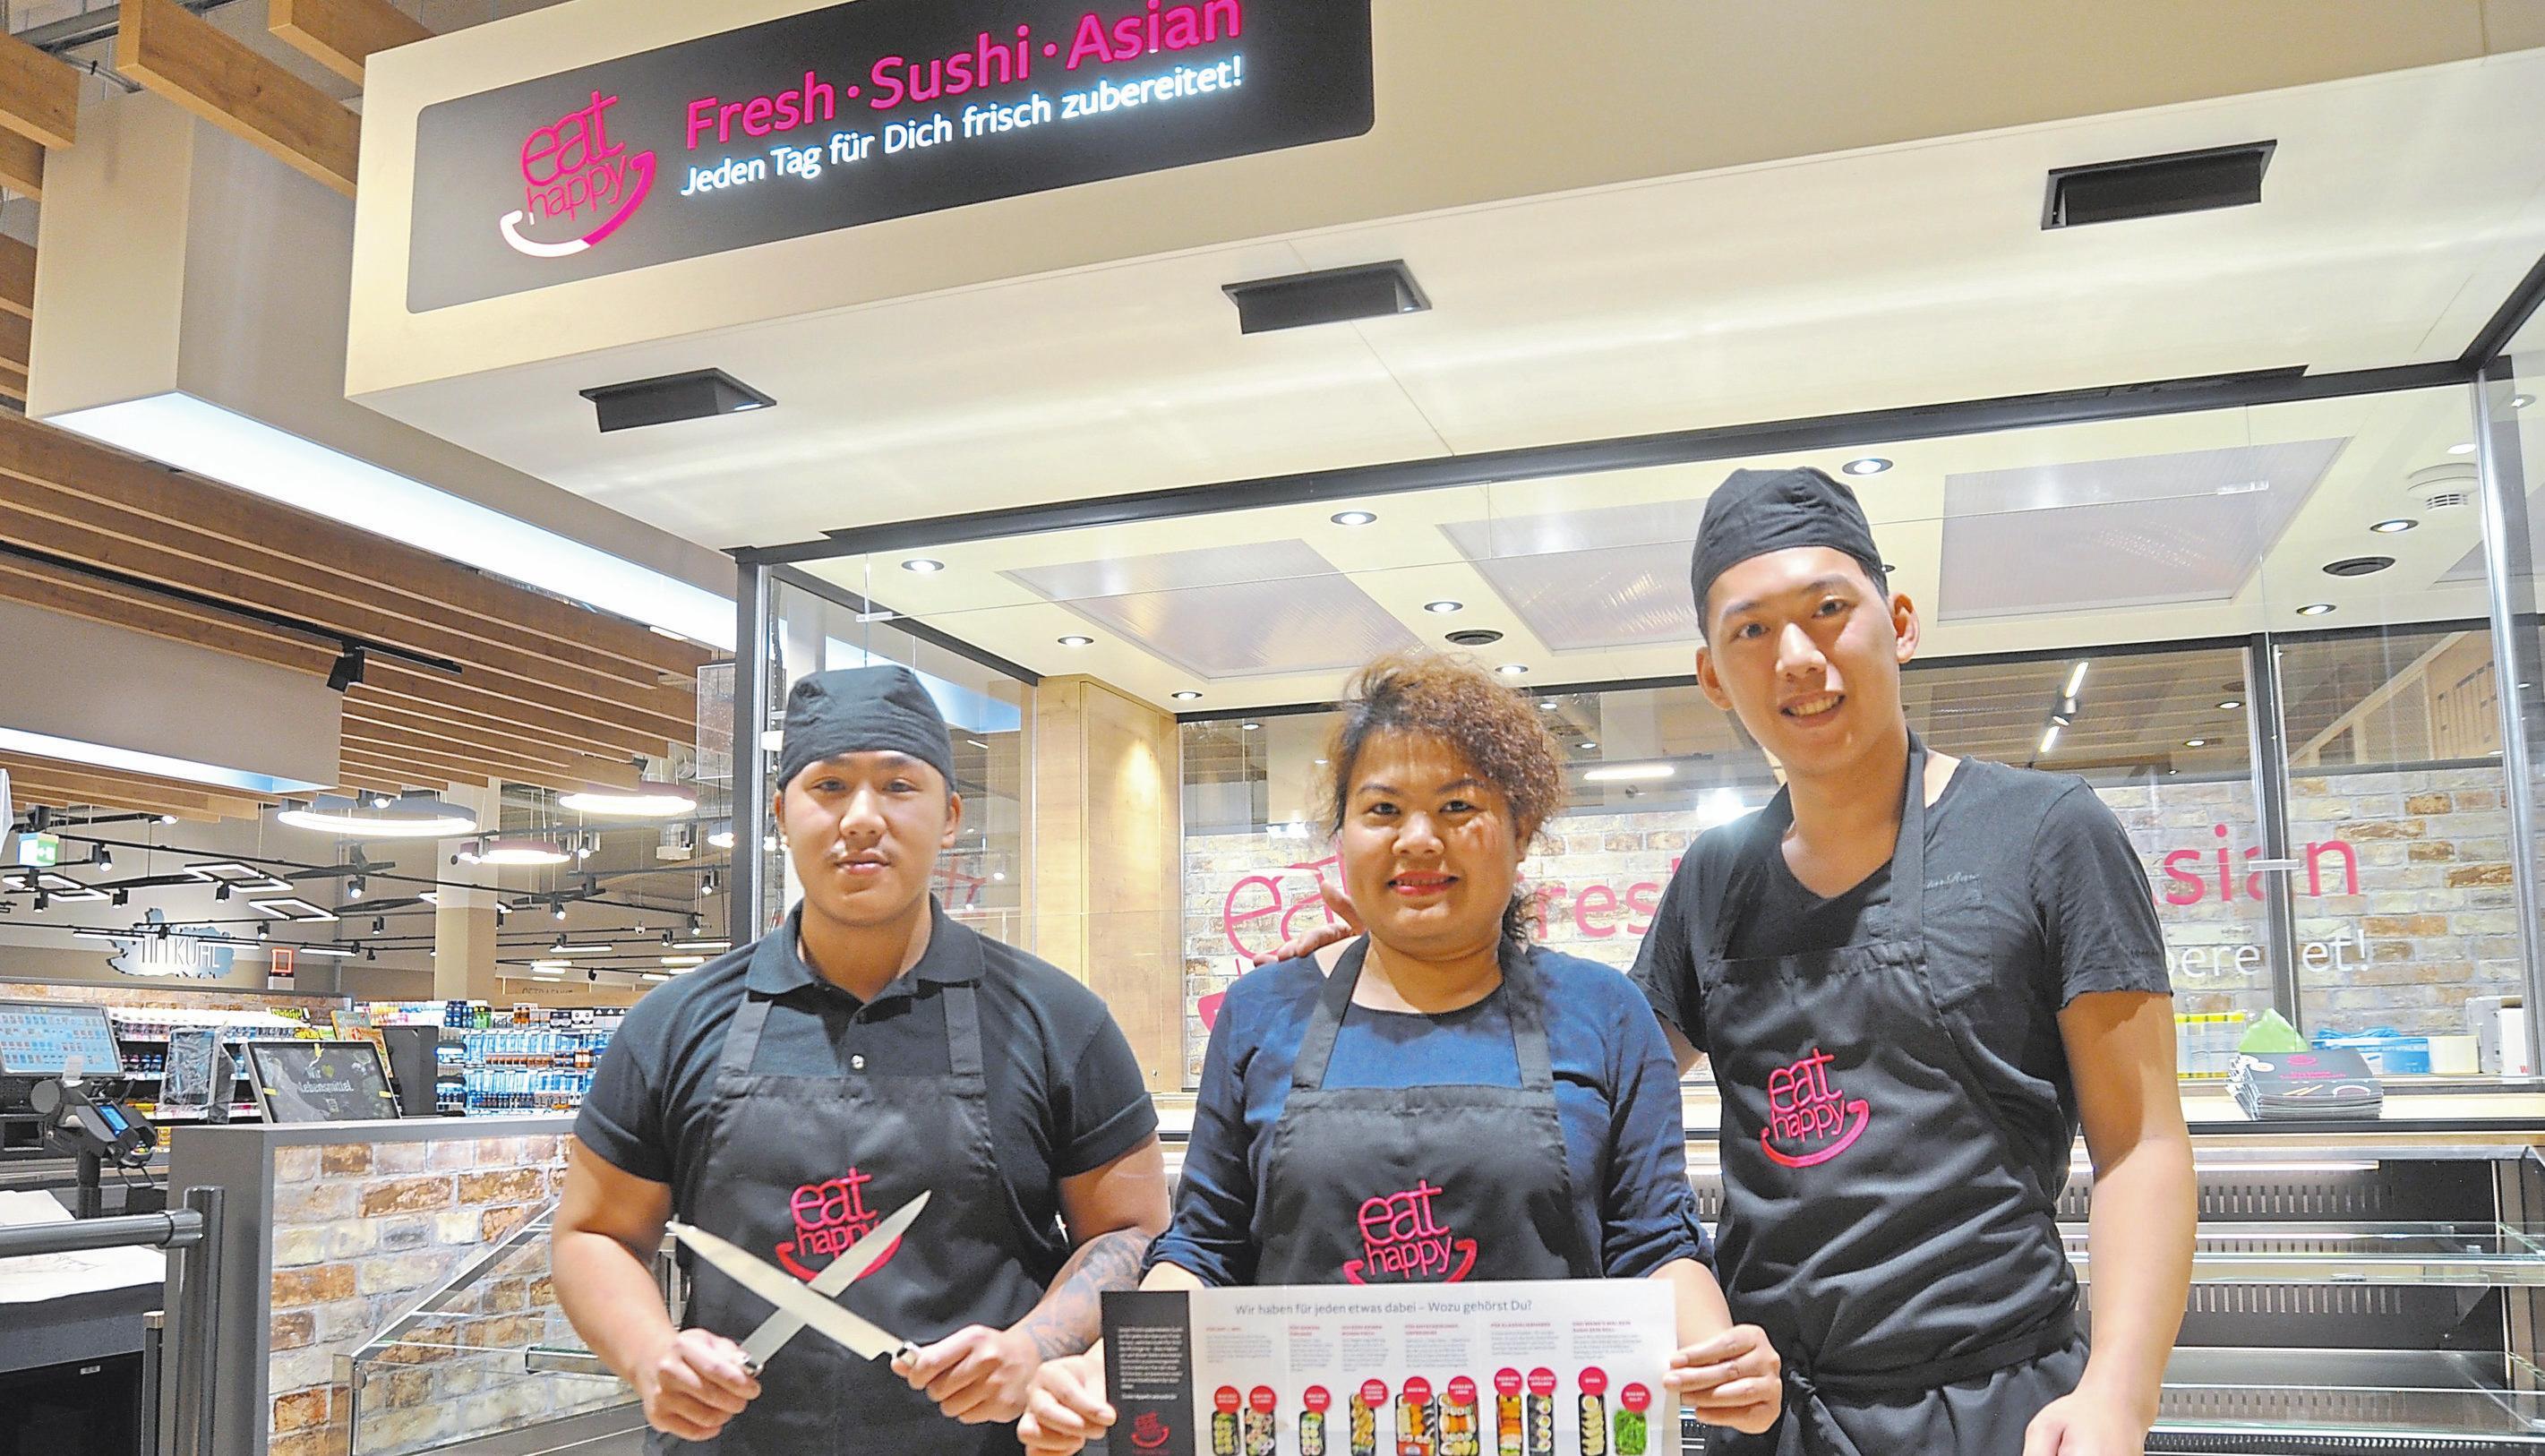 Sushi direkt vor den Augen der Kunden zubereitet: Darum kümmern sich ab heute (von links) Viet Anh Lehoang, Siriwan Zgrzendek und Viet Duc Nguyen.